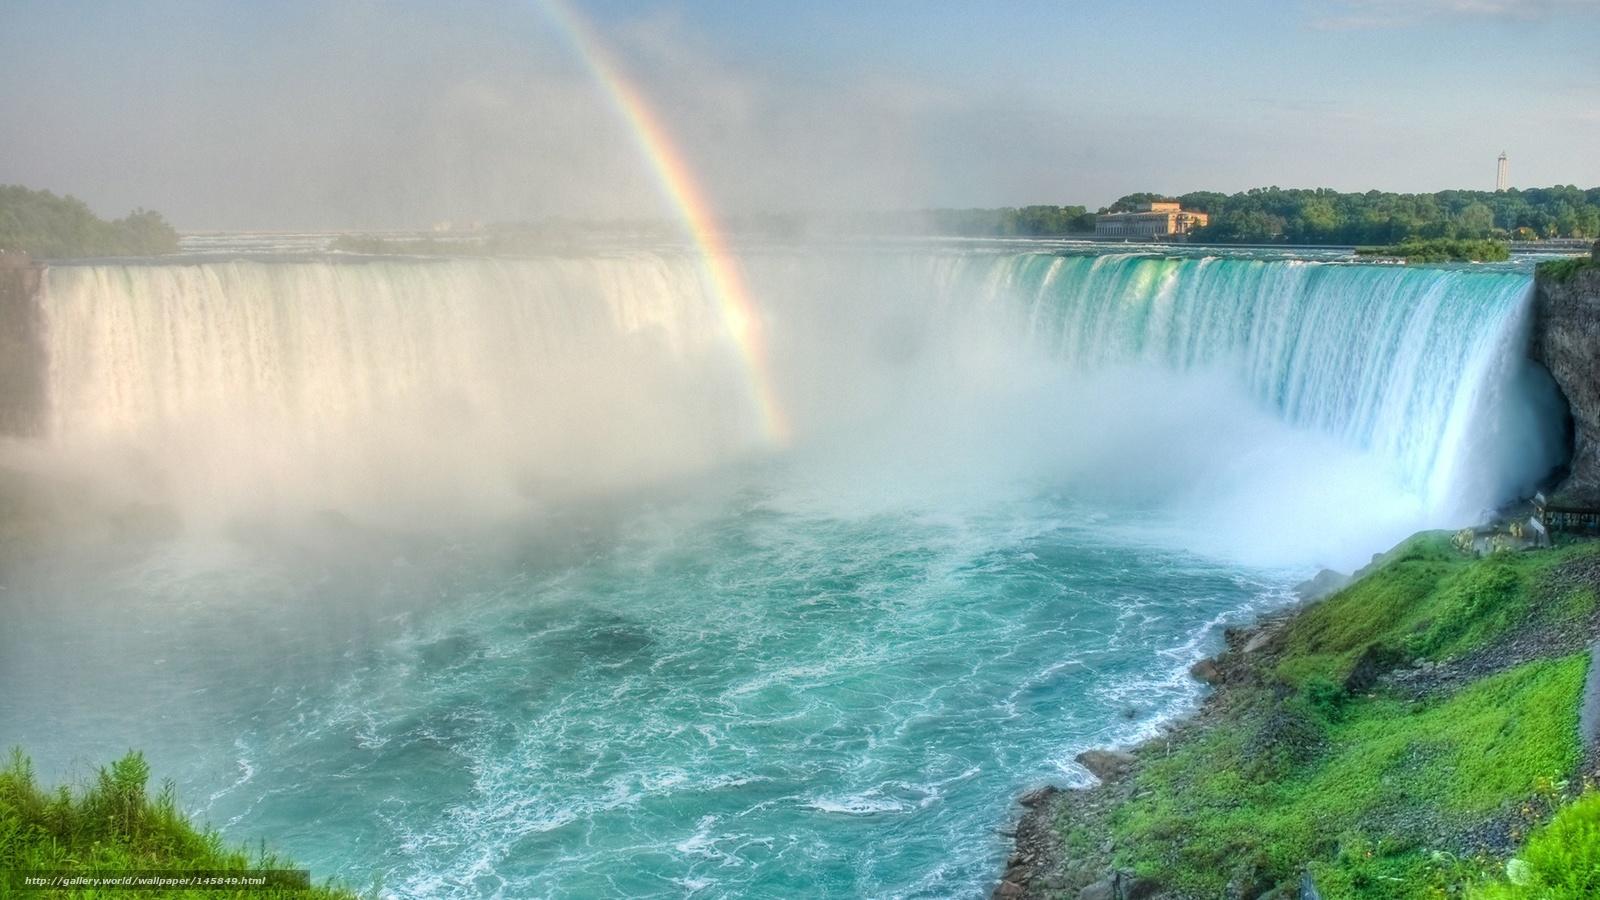 Sfondi arcobaleno per il desktop - Galleria 30 - IT - download ...